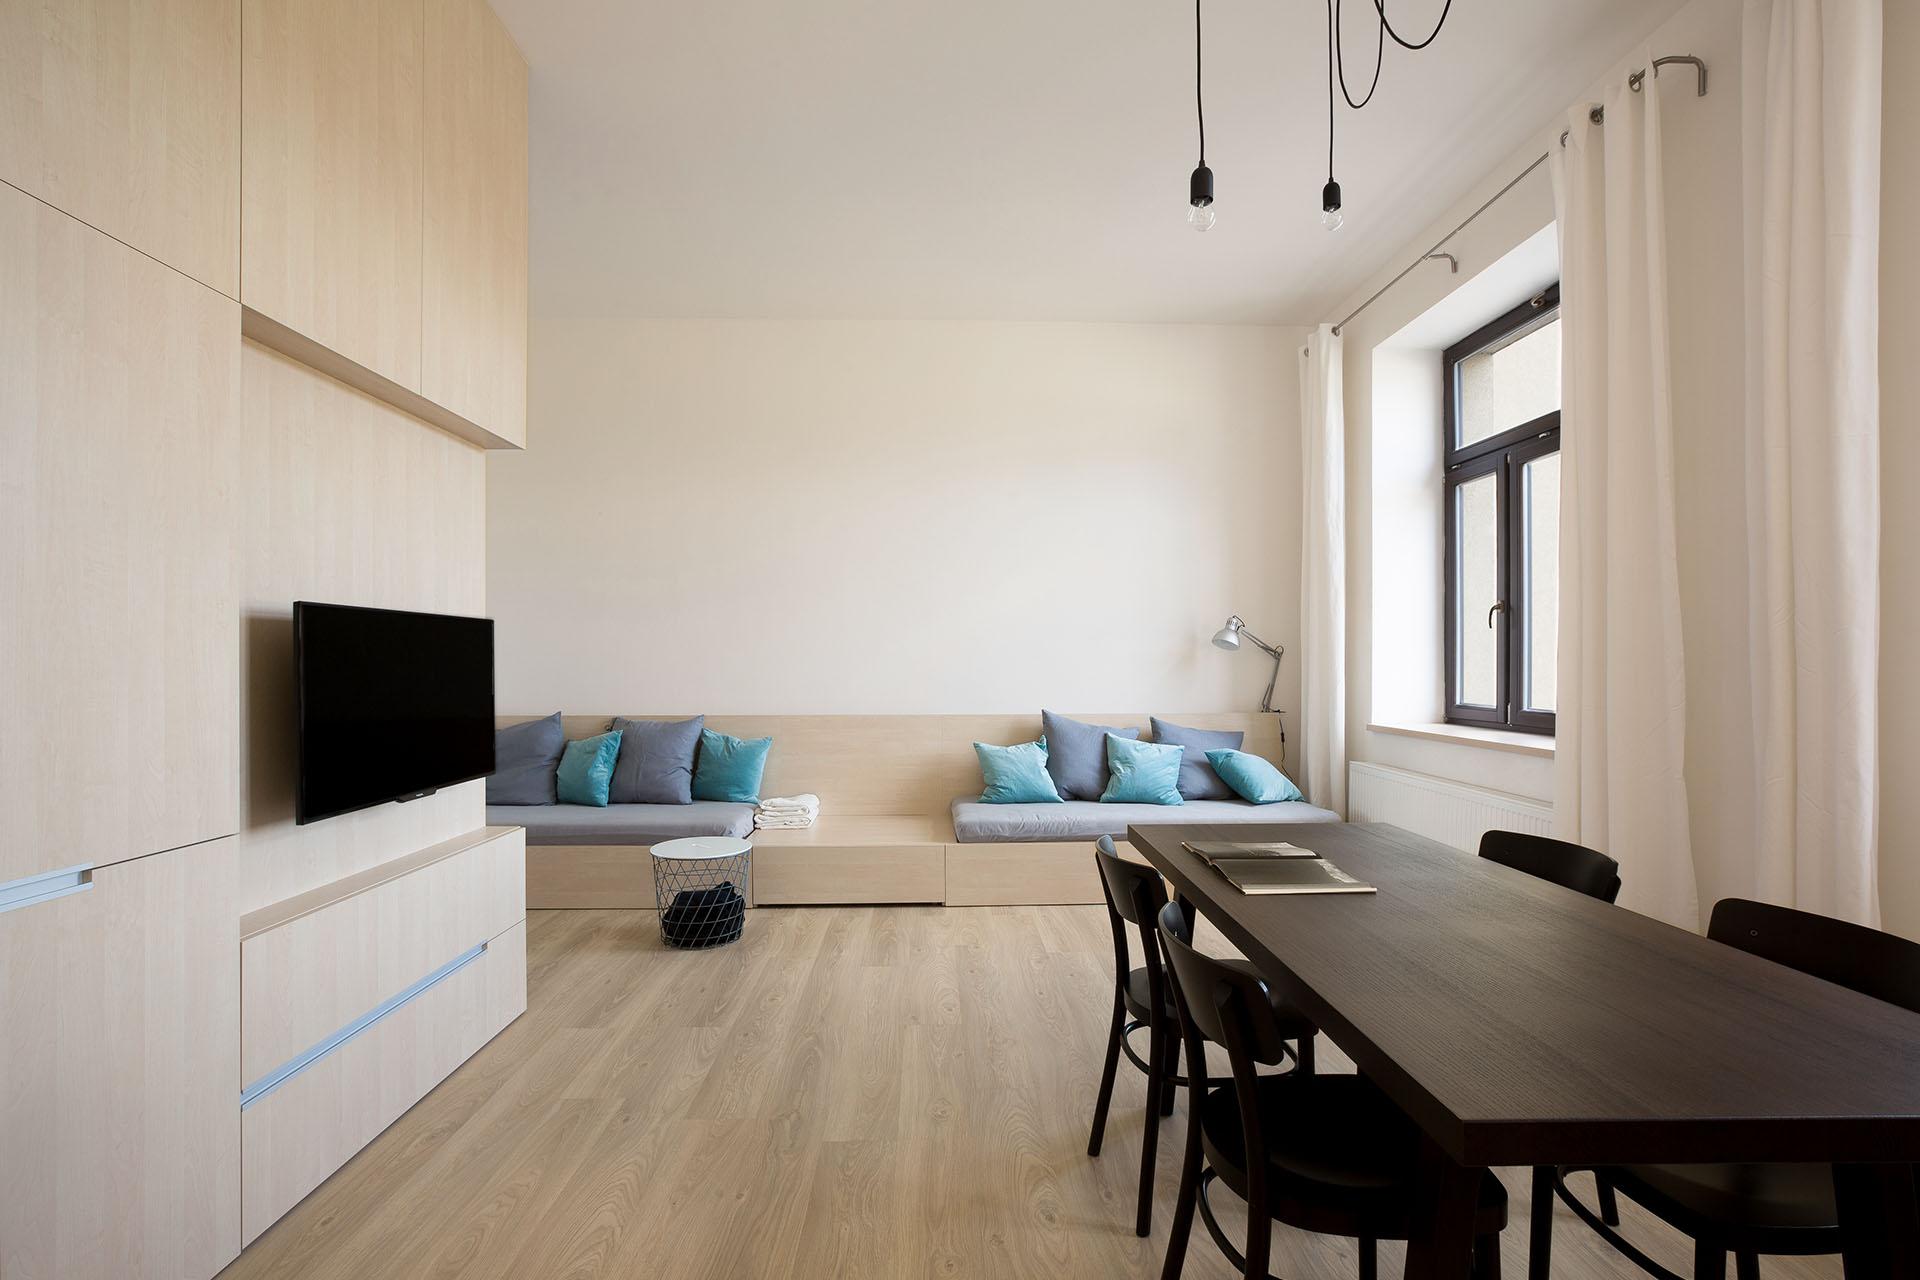 Společenský prostor bytu s jídelním stolem na televizí